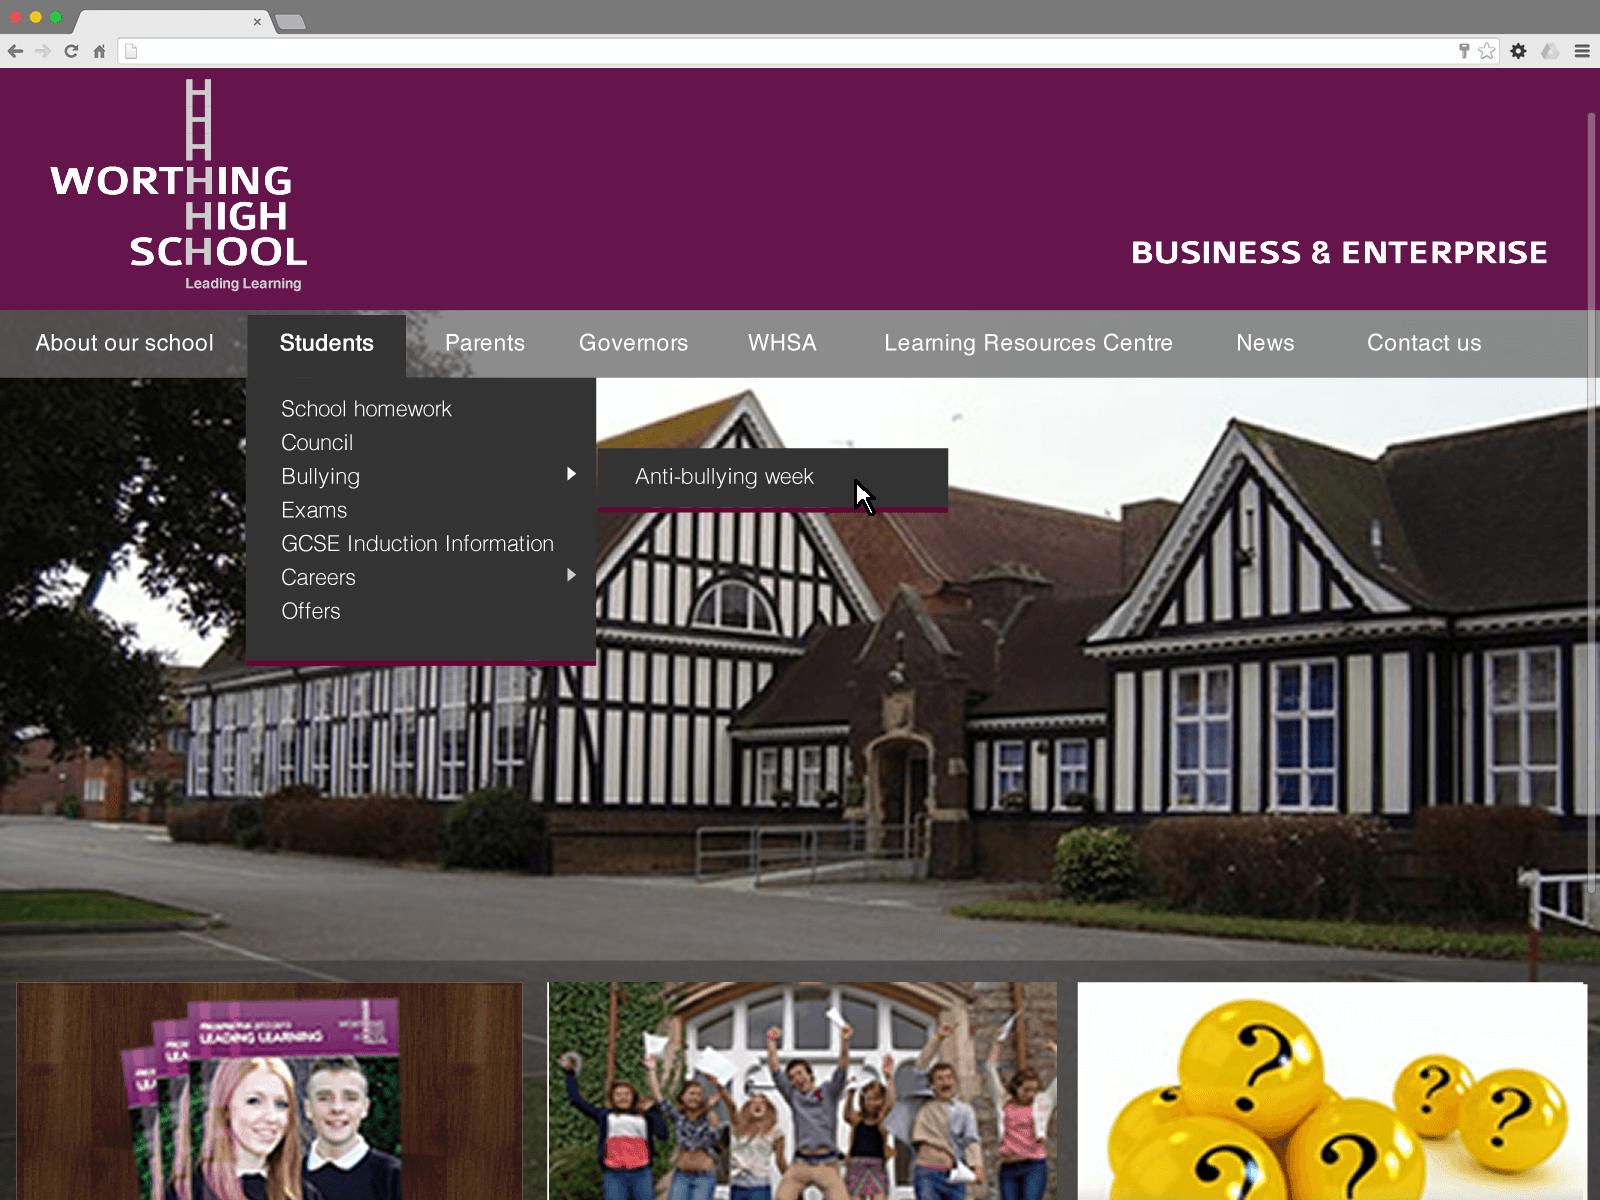 Worthing High School website (Website on desktop)